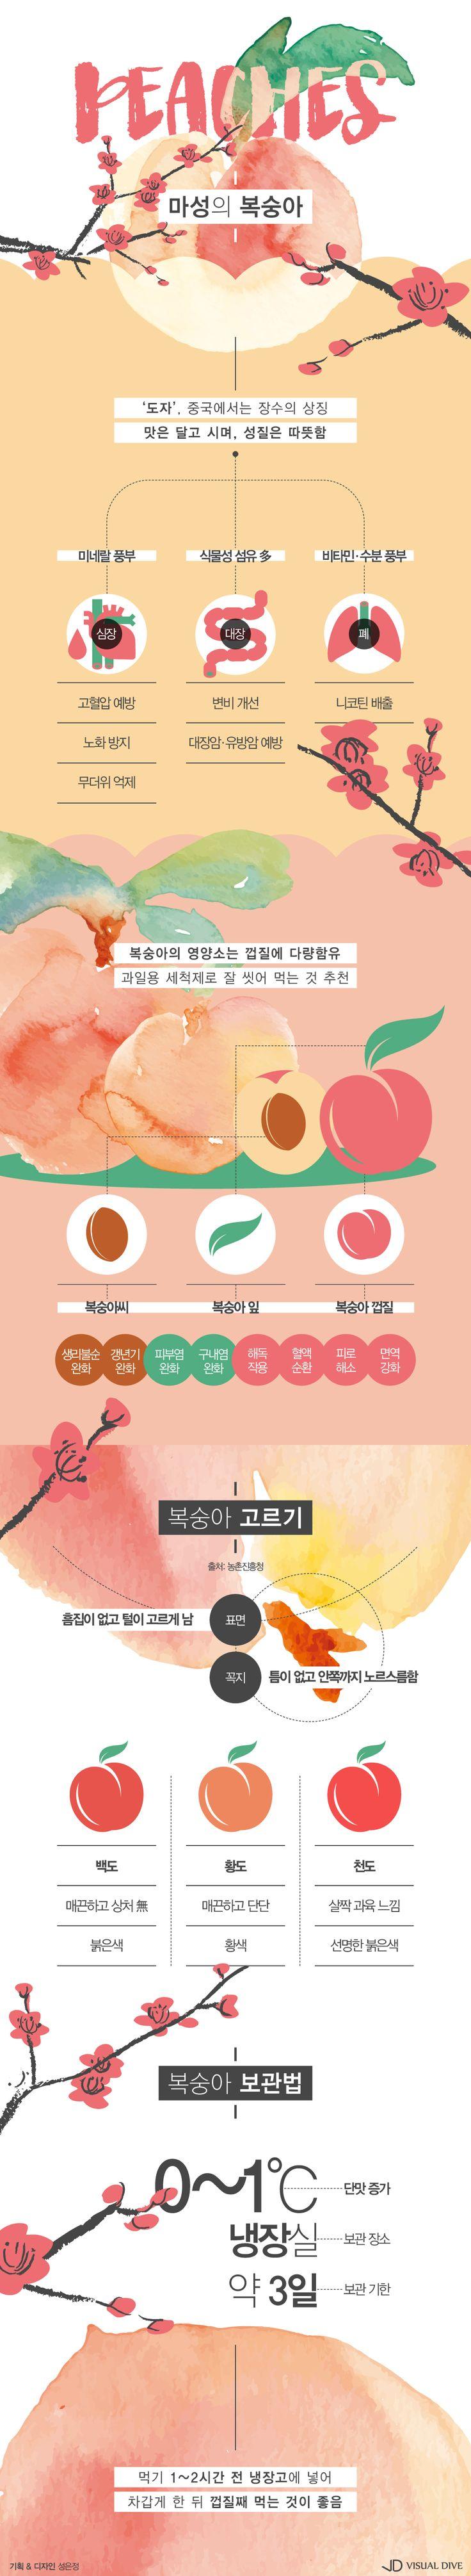 """""""먹으면서 양보하세요"""" 복숭아, 가을철 피부 건강 1등 공신 [인포그래픽] #peach / #Infographic ⓒ 비주얼다이브 무단…"""